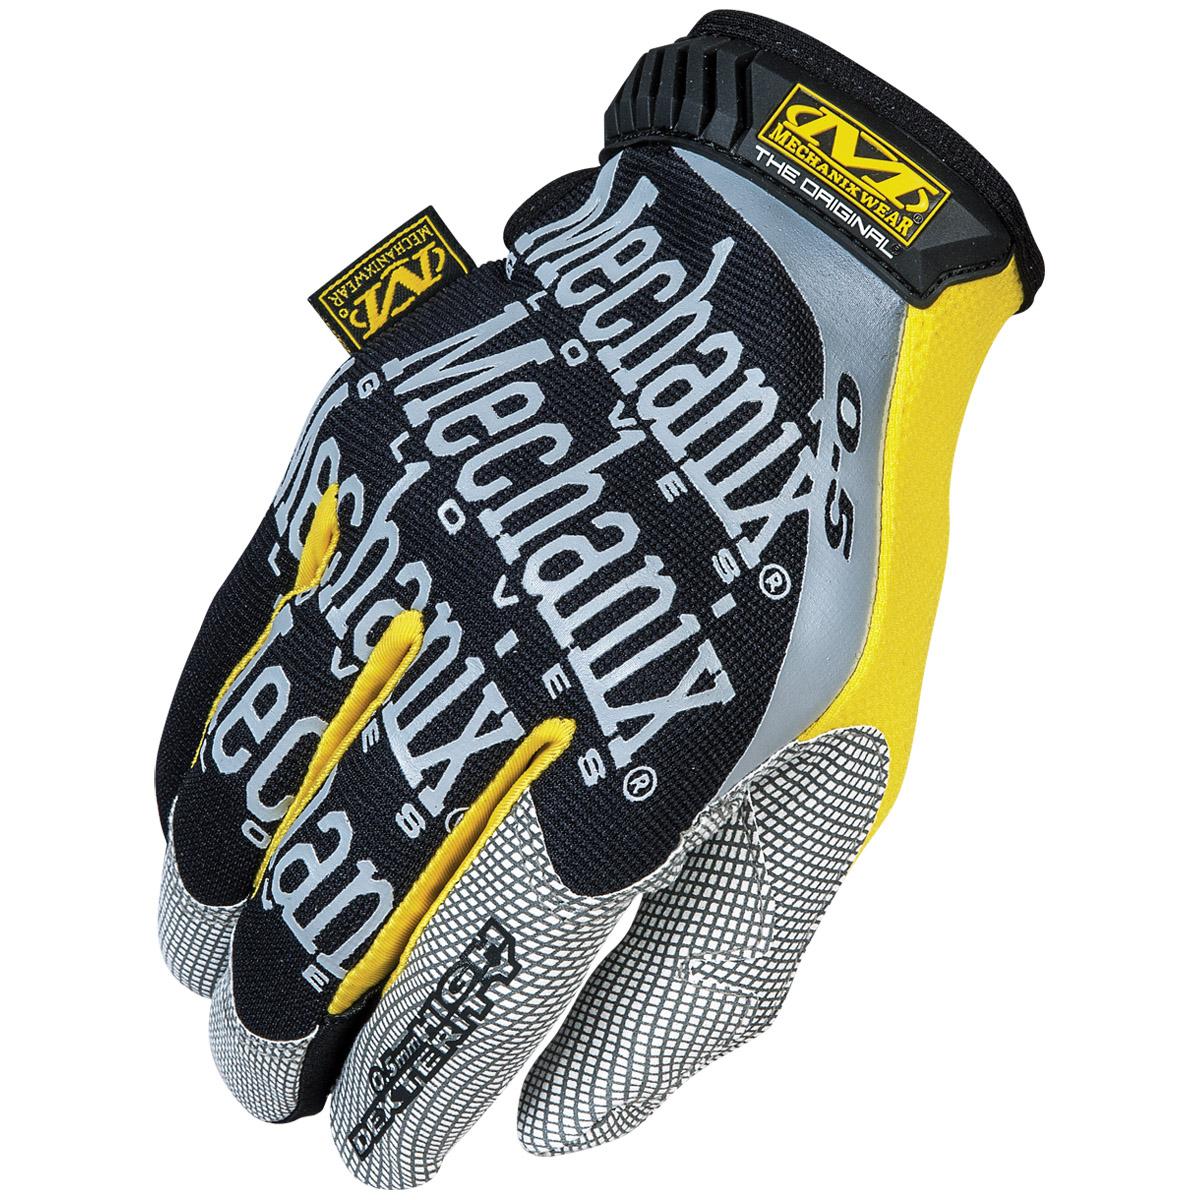 Mens yellow gloves - Mechanix Wear Original 0 5 Tactical Mens Gloves